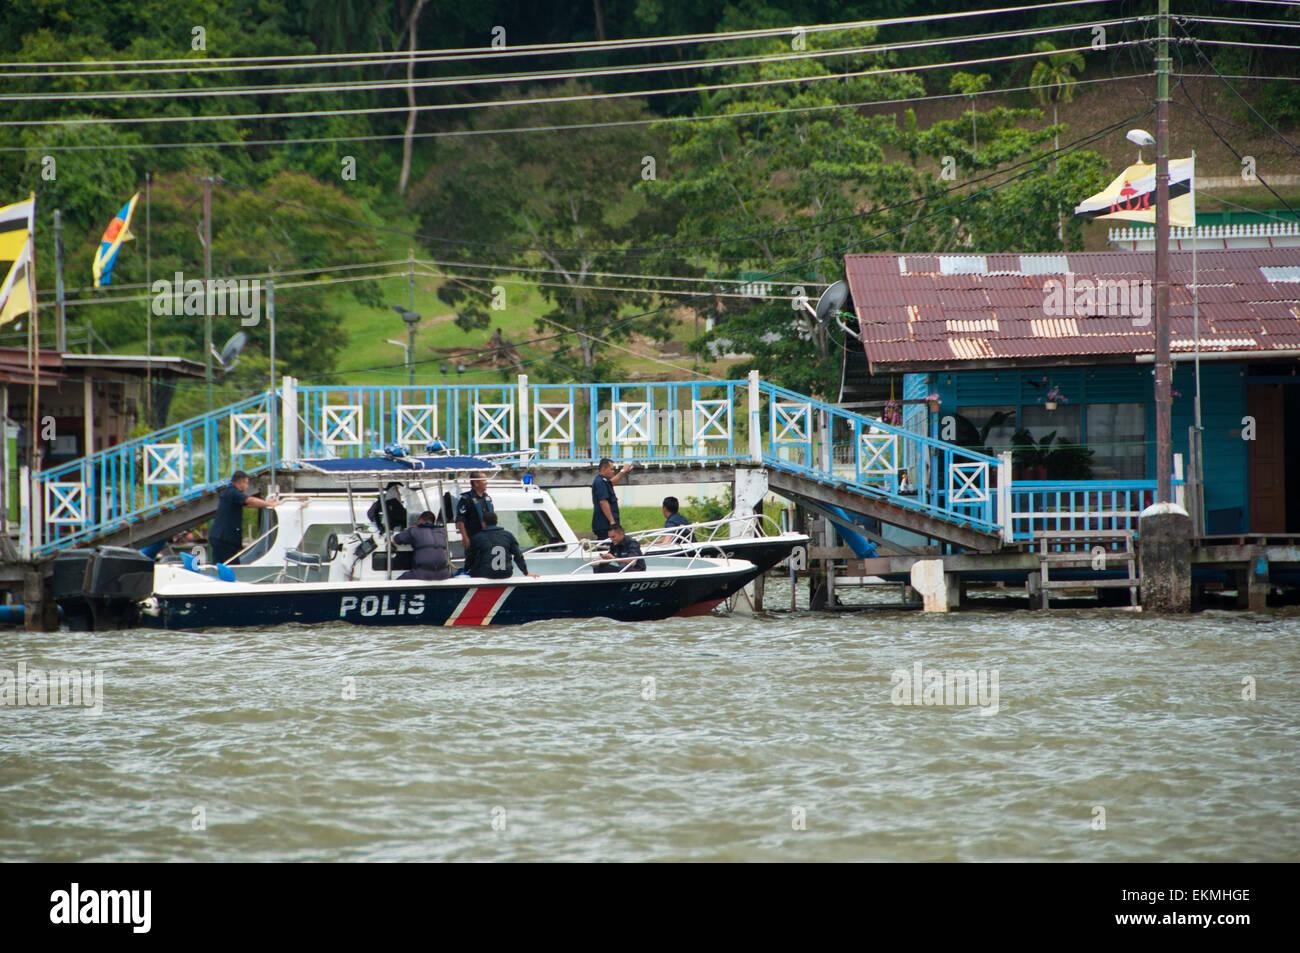 The Water village of Kampong Ayer, Bandar Seri Begawan, Brunei - Stock Image